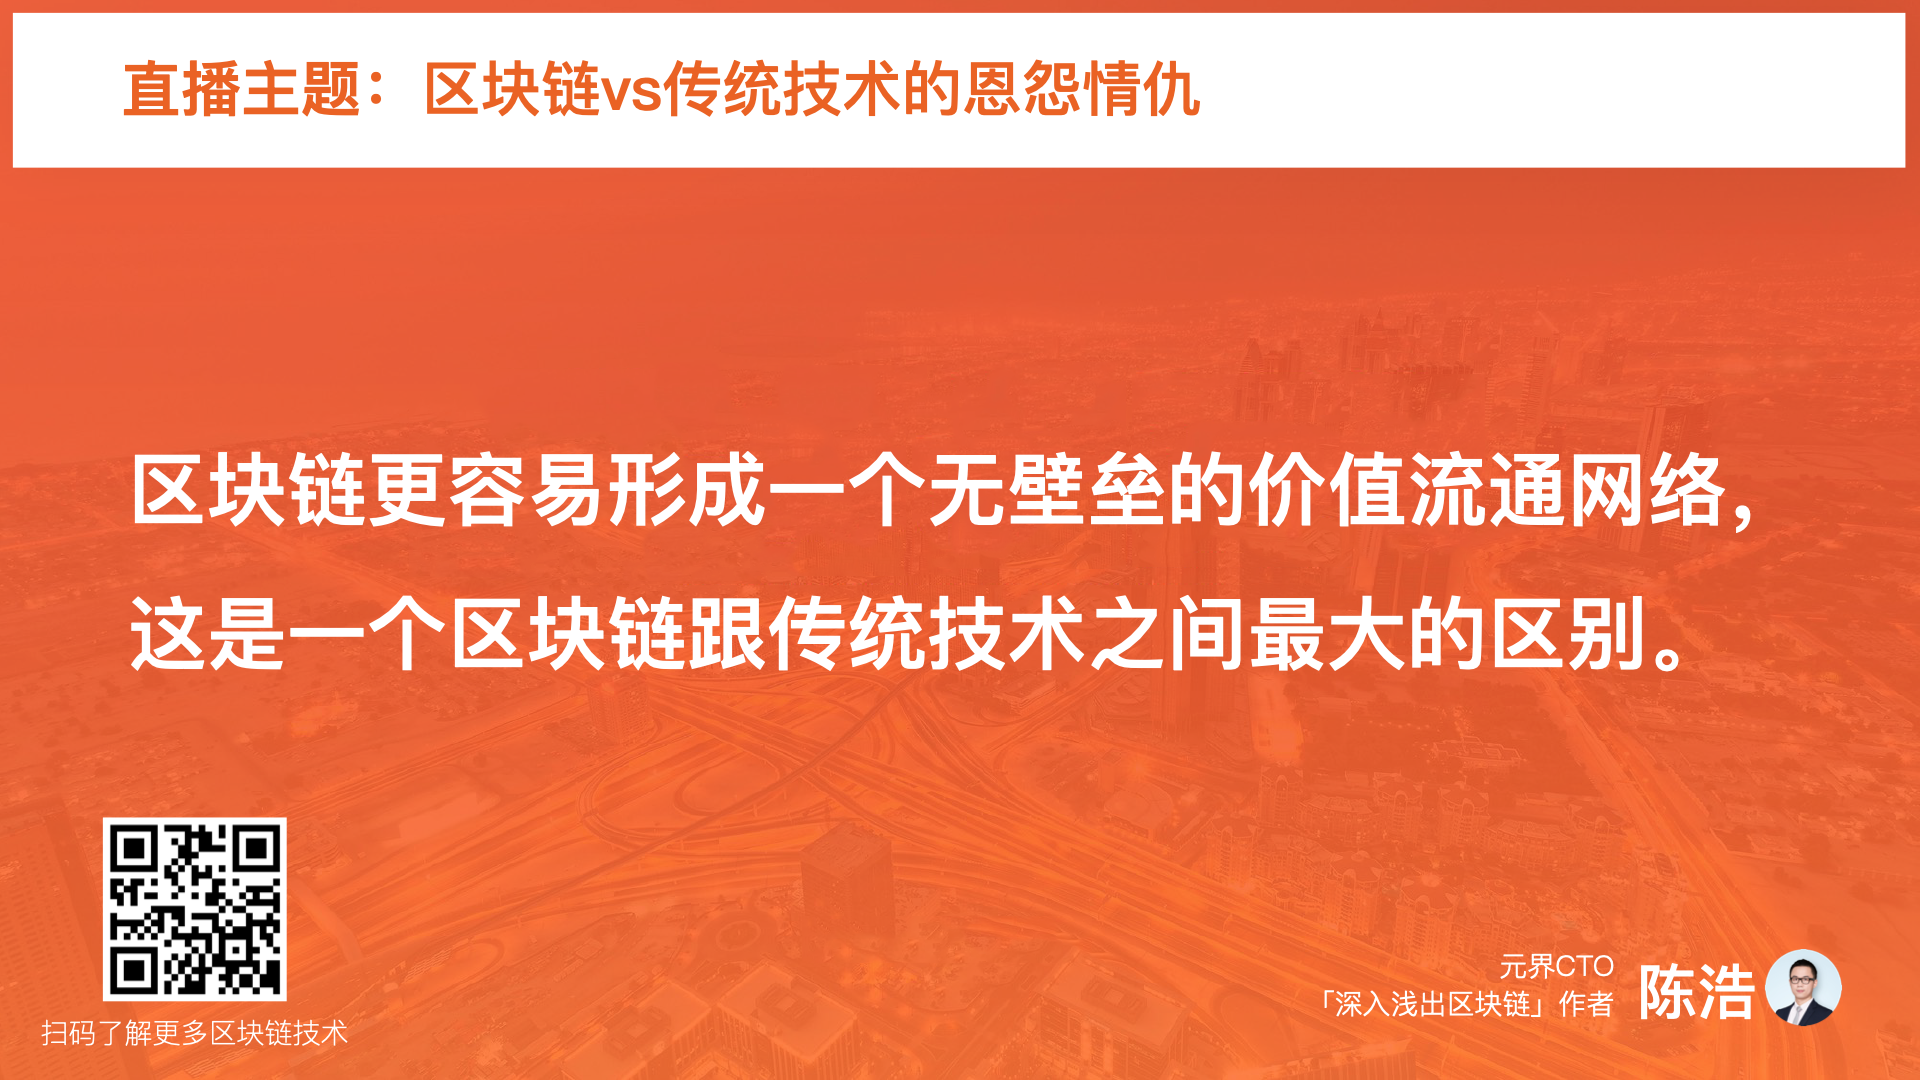 元界CTO陈浩:凡是区块链能解决的问题, 咱们传统技术一定可以解决